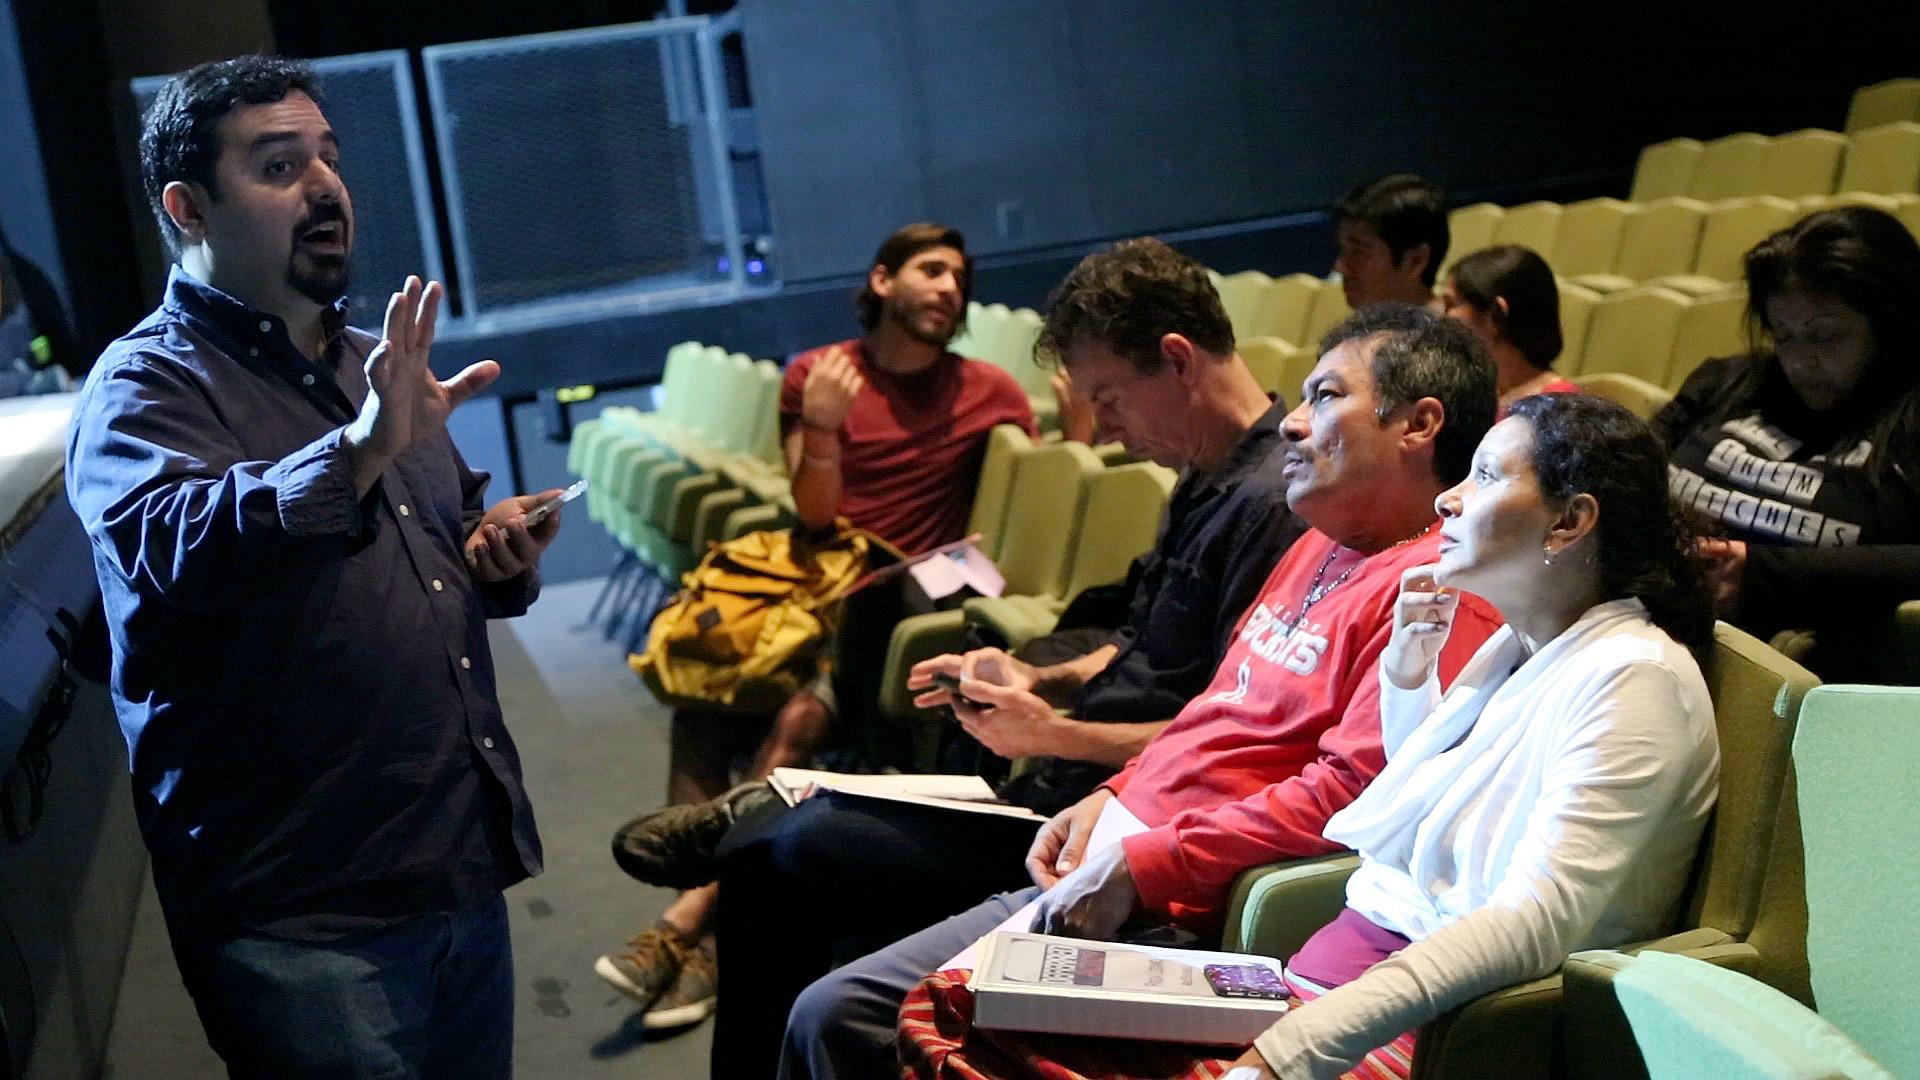 Lozano directing